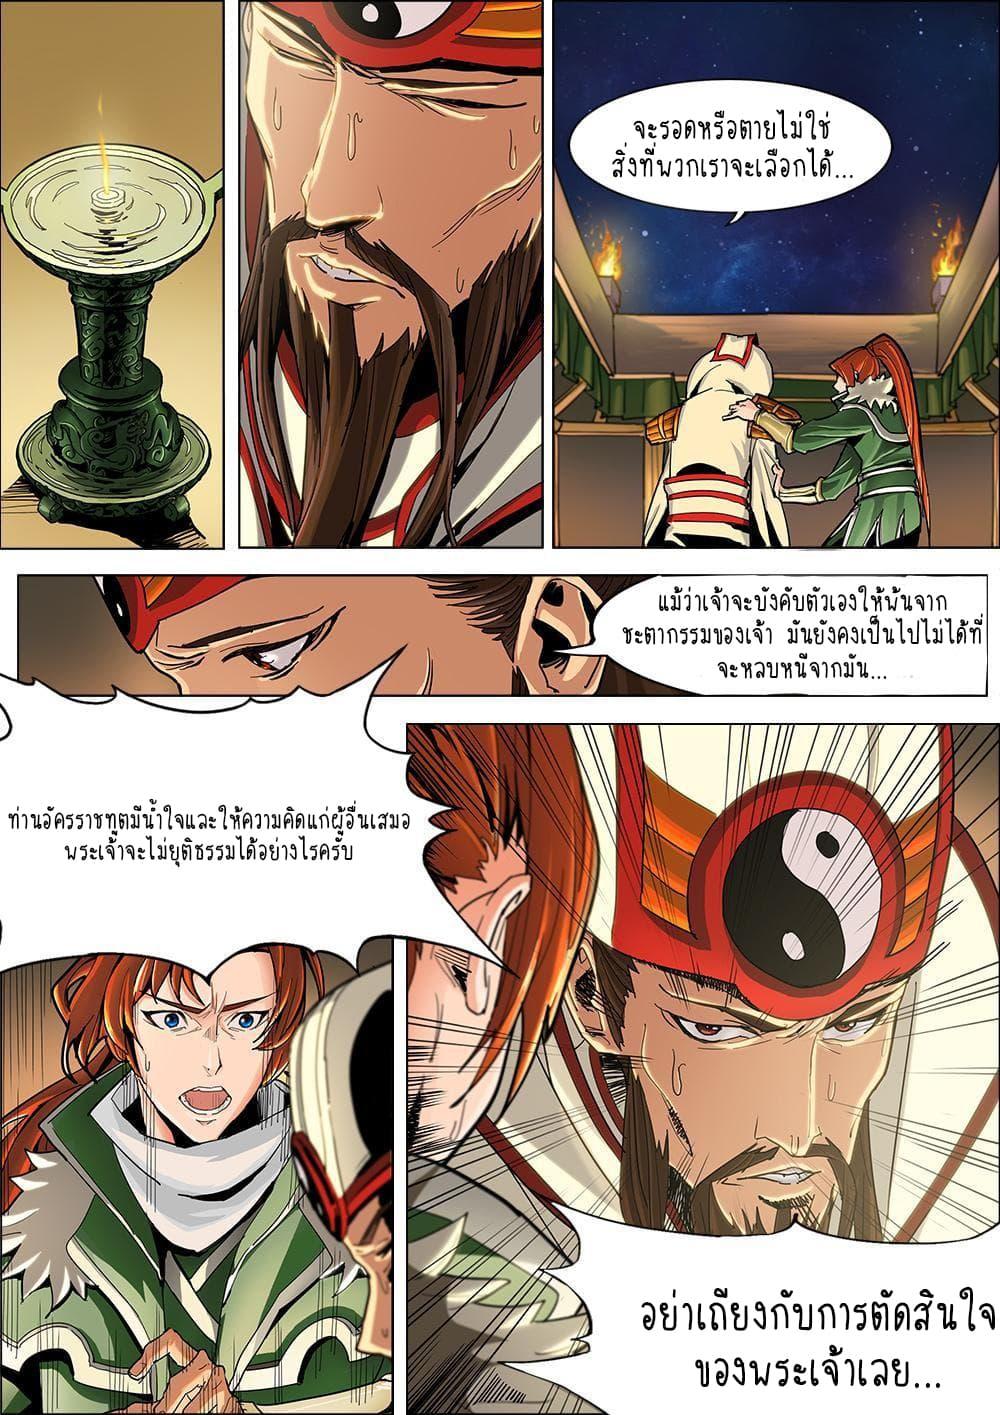 อ่านการ์ตูน Three Kingdoms ตอนที่ 1 หน้าที่ 6